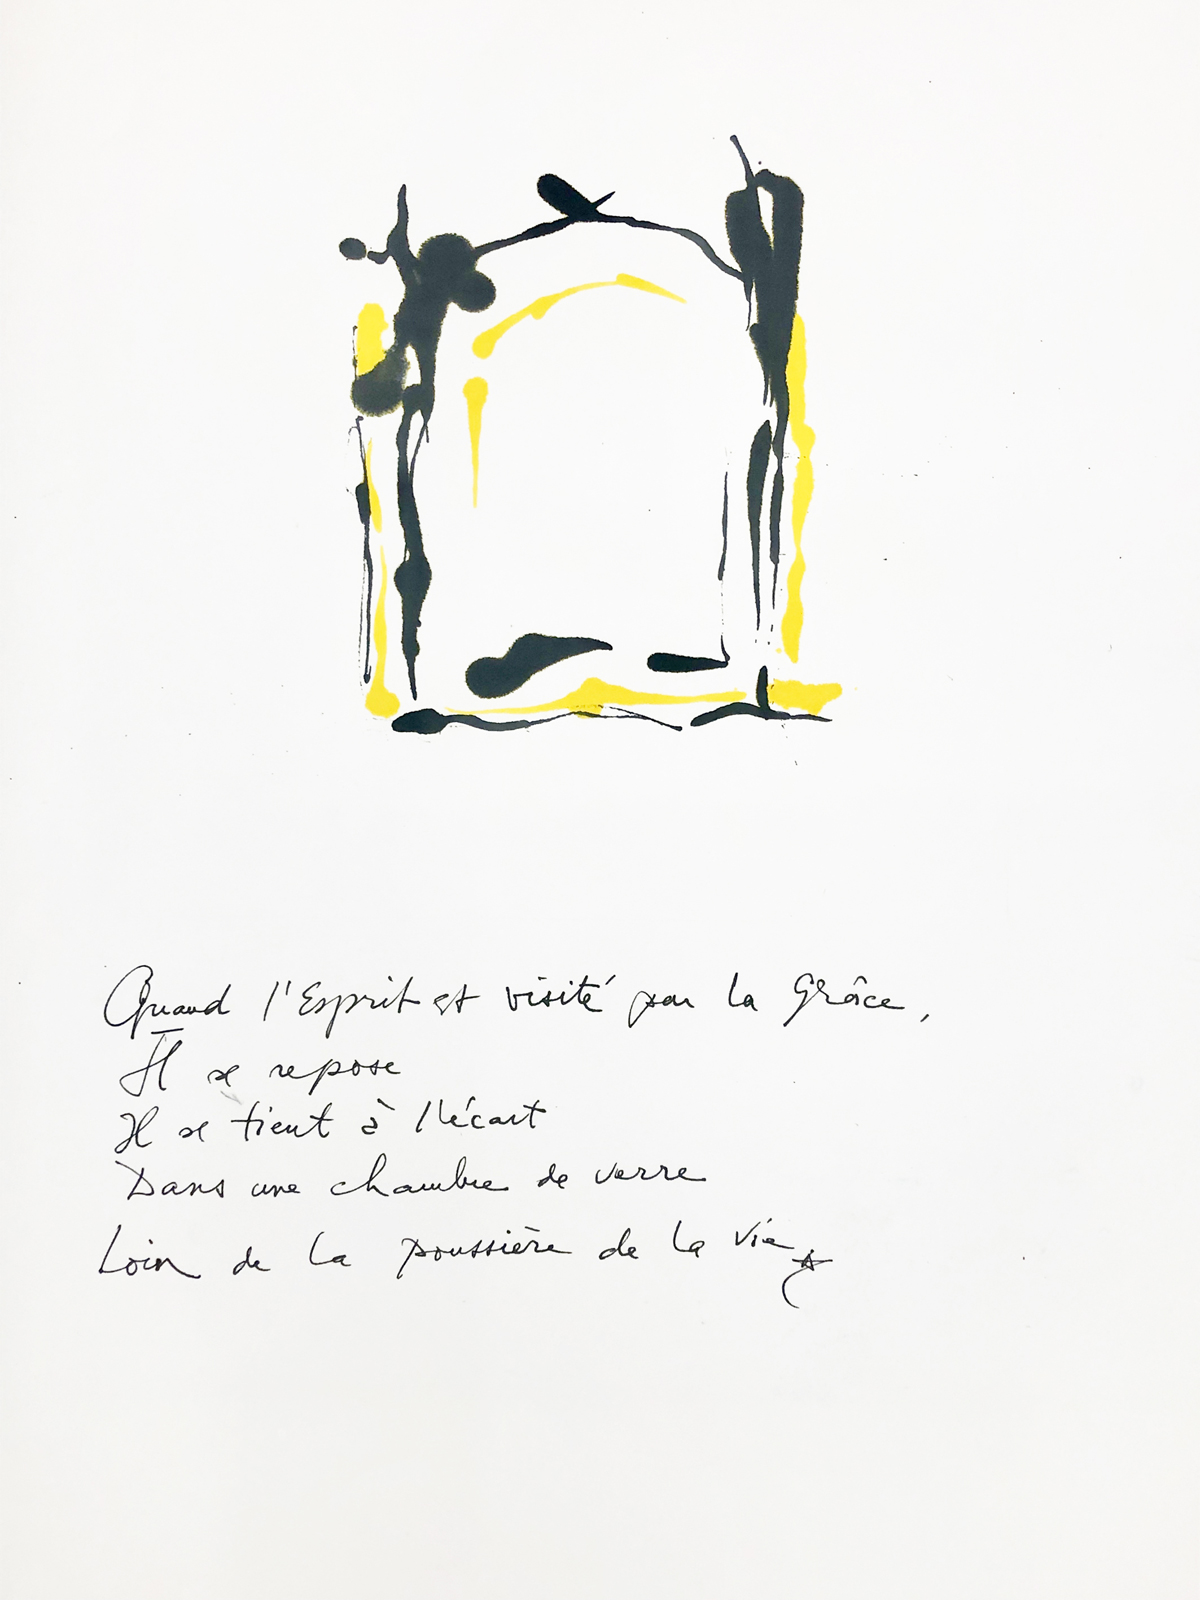 Quand l'Esprit est visité par la grâce, 2019 Dessin à l'encre, 35,5 x 50 cm ©Tahar Ben Jelloun